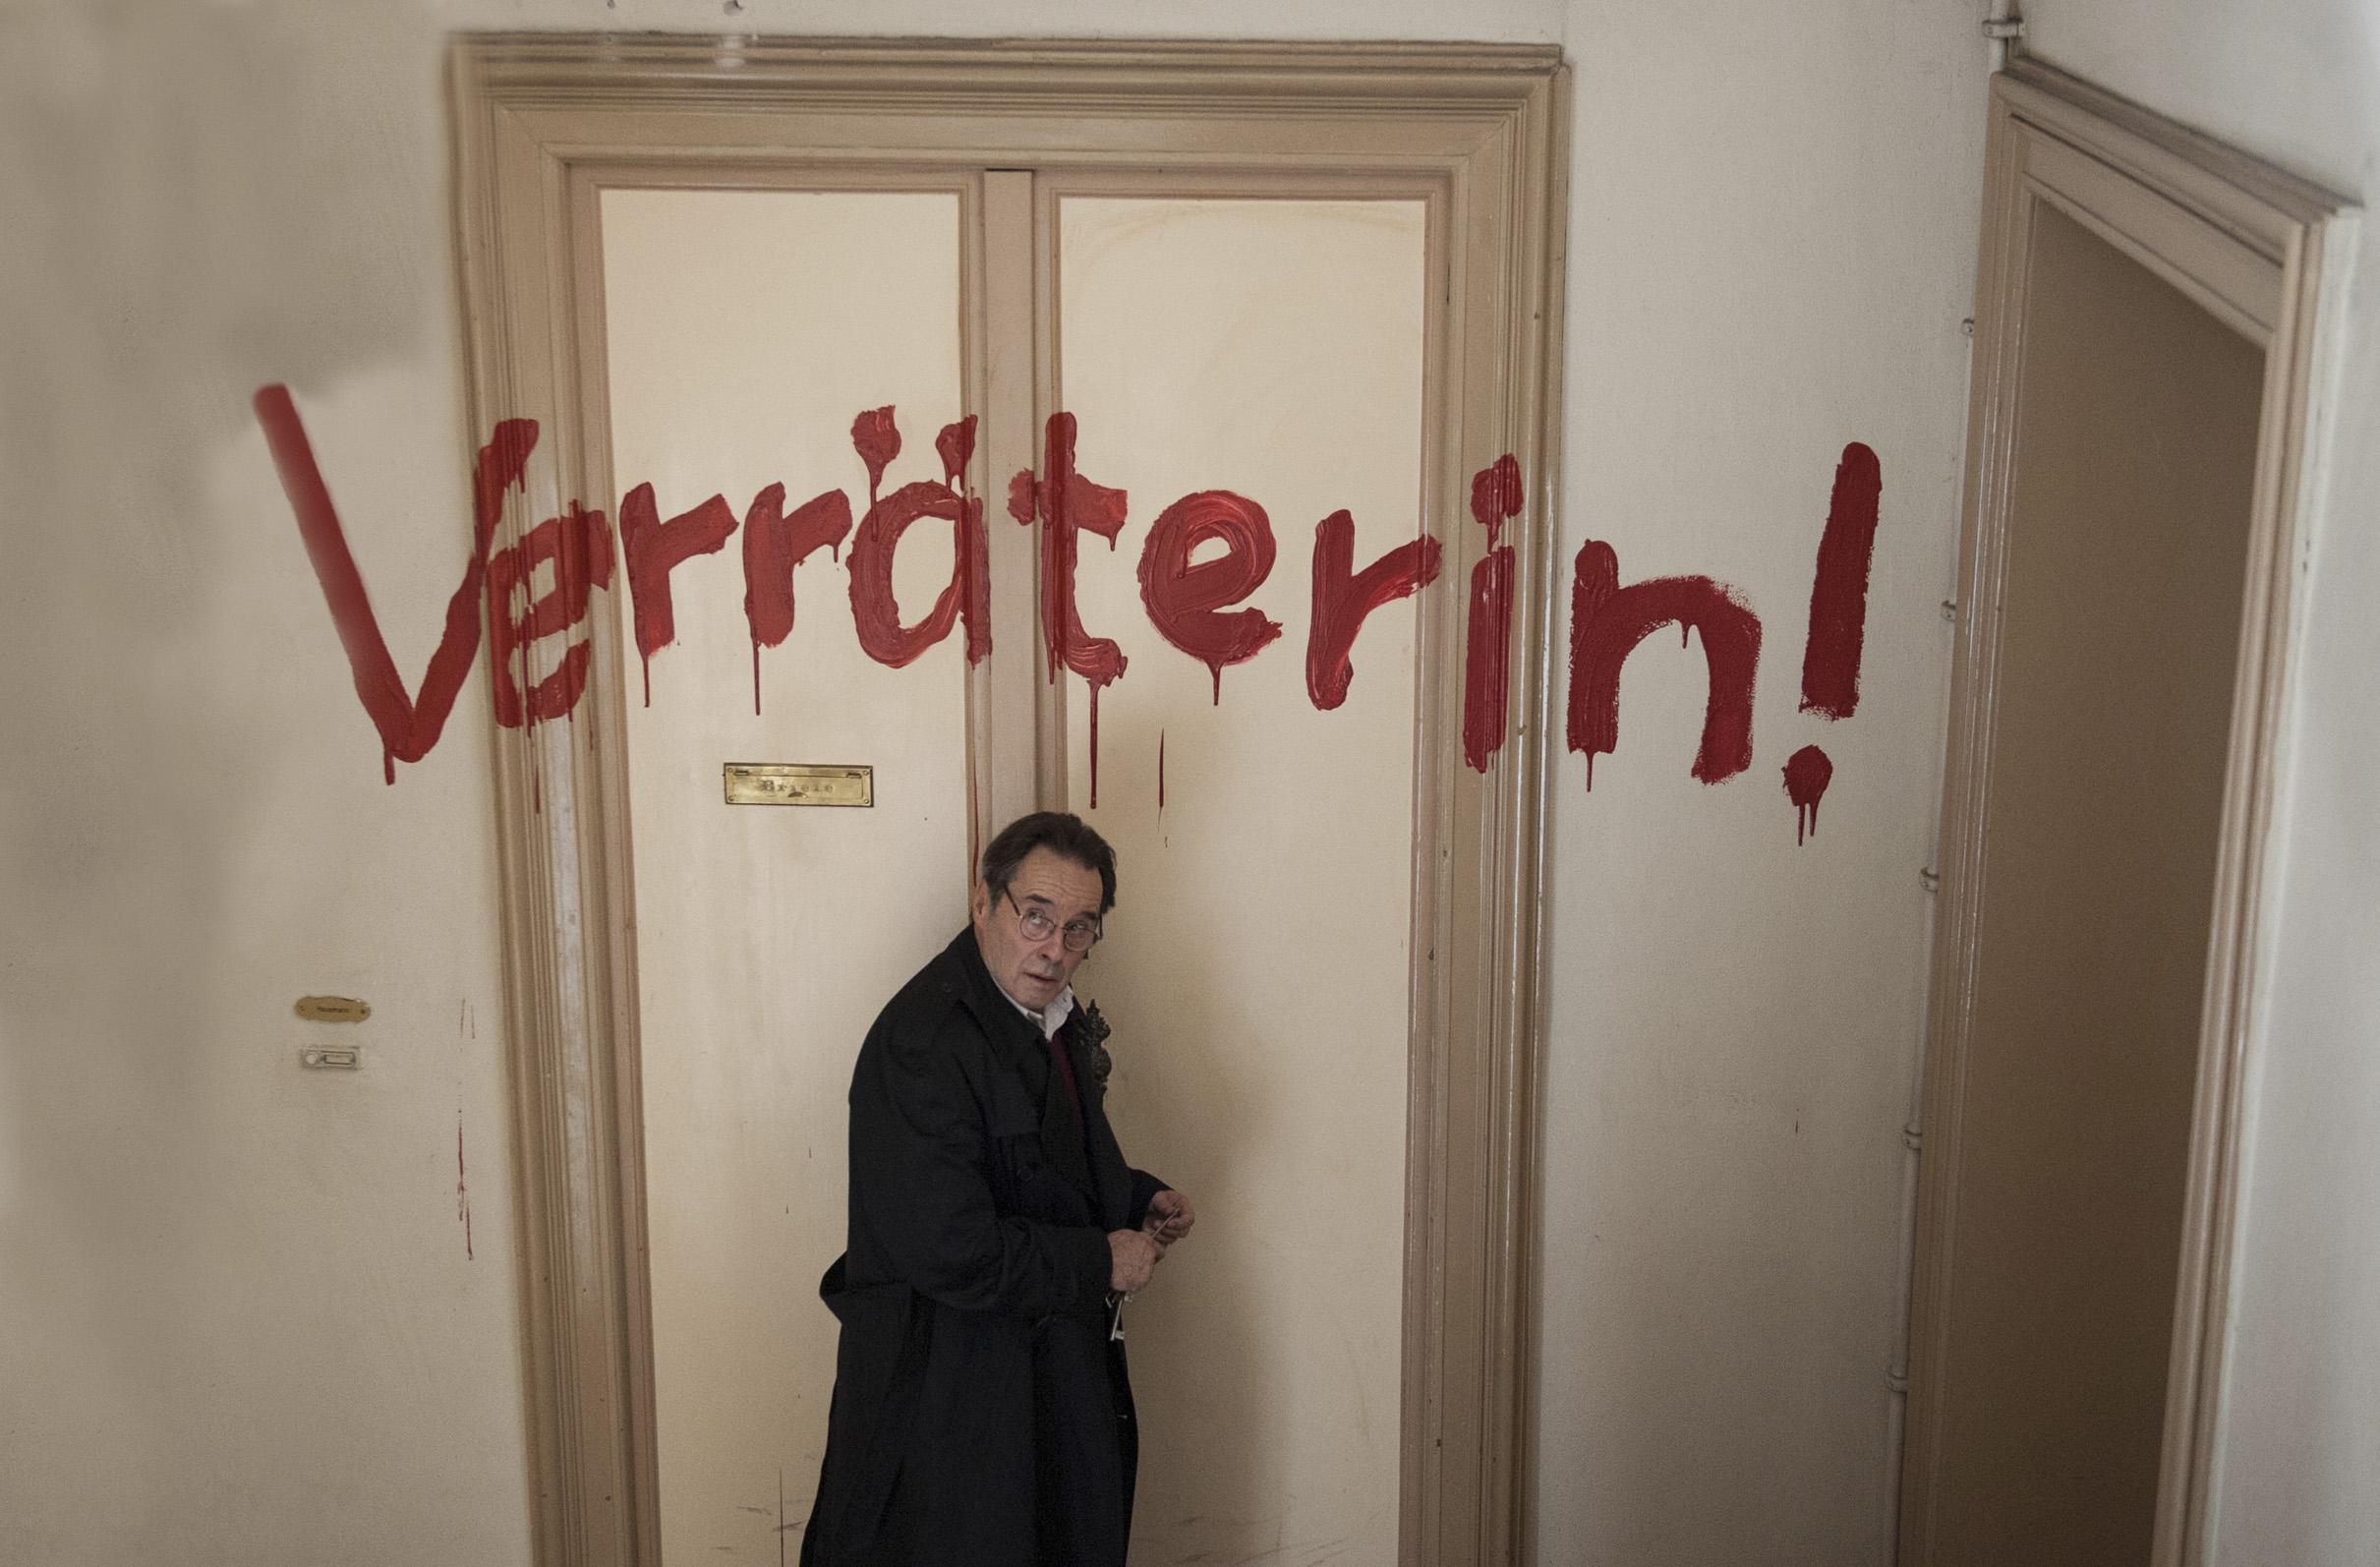 """ARD WEISSENSEE, III. Staffel (6 neue Folgen), Folge 16 """"Der Amerikaner"""", am Mittwoch (30.09.15) um 21.00 Uhr im Ersten. Hans (Uwe Kockisch, l.) eilt besorgt zu Dunja - über ihrer Tür wurde in roten Lettern """"Verräterin !"""" geschrieben. © ARD/Julia Terjung - honorarfrei, Verwendung gemäß der AGB im engen inhaltlichen, redaktionellen Zusammenhang mit genannter ARD-Sendung bei Nennung: """"Bild: ARD/Julia Terjung"""" (S2). ARD Programmdirektion/Bildredaktion, Tel. 089/5900 23879, Fax 089/5501259, mail bildredakton@daserste.de"""